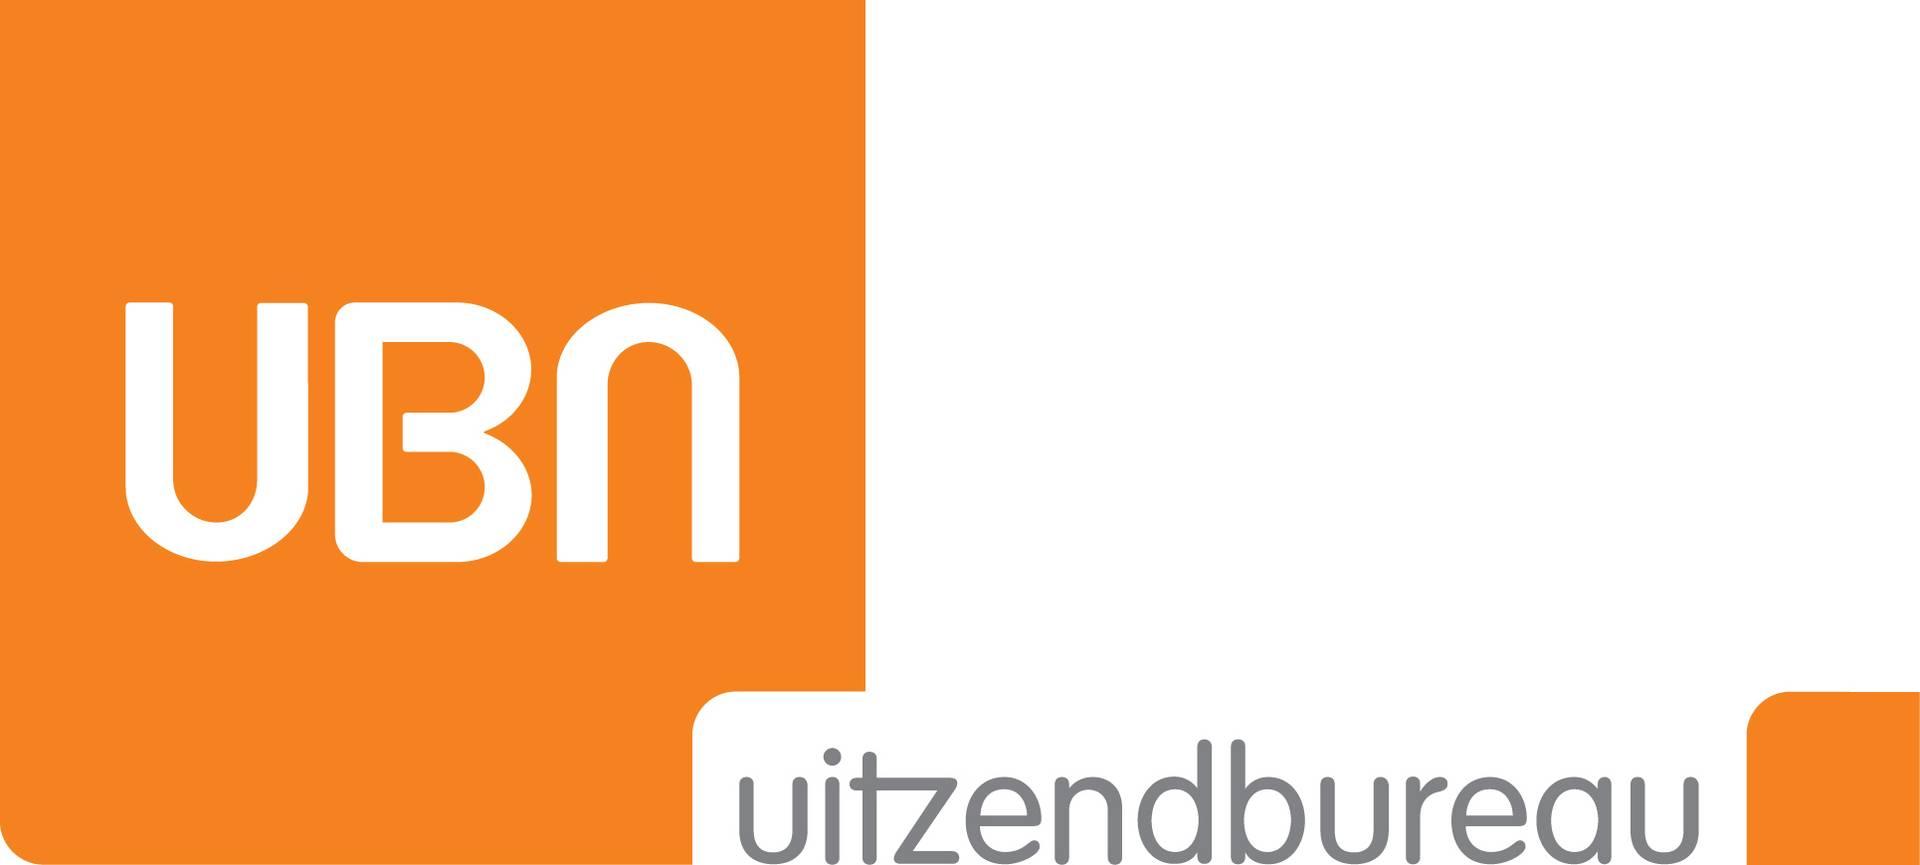 UBN Uitzendbureau - logo